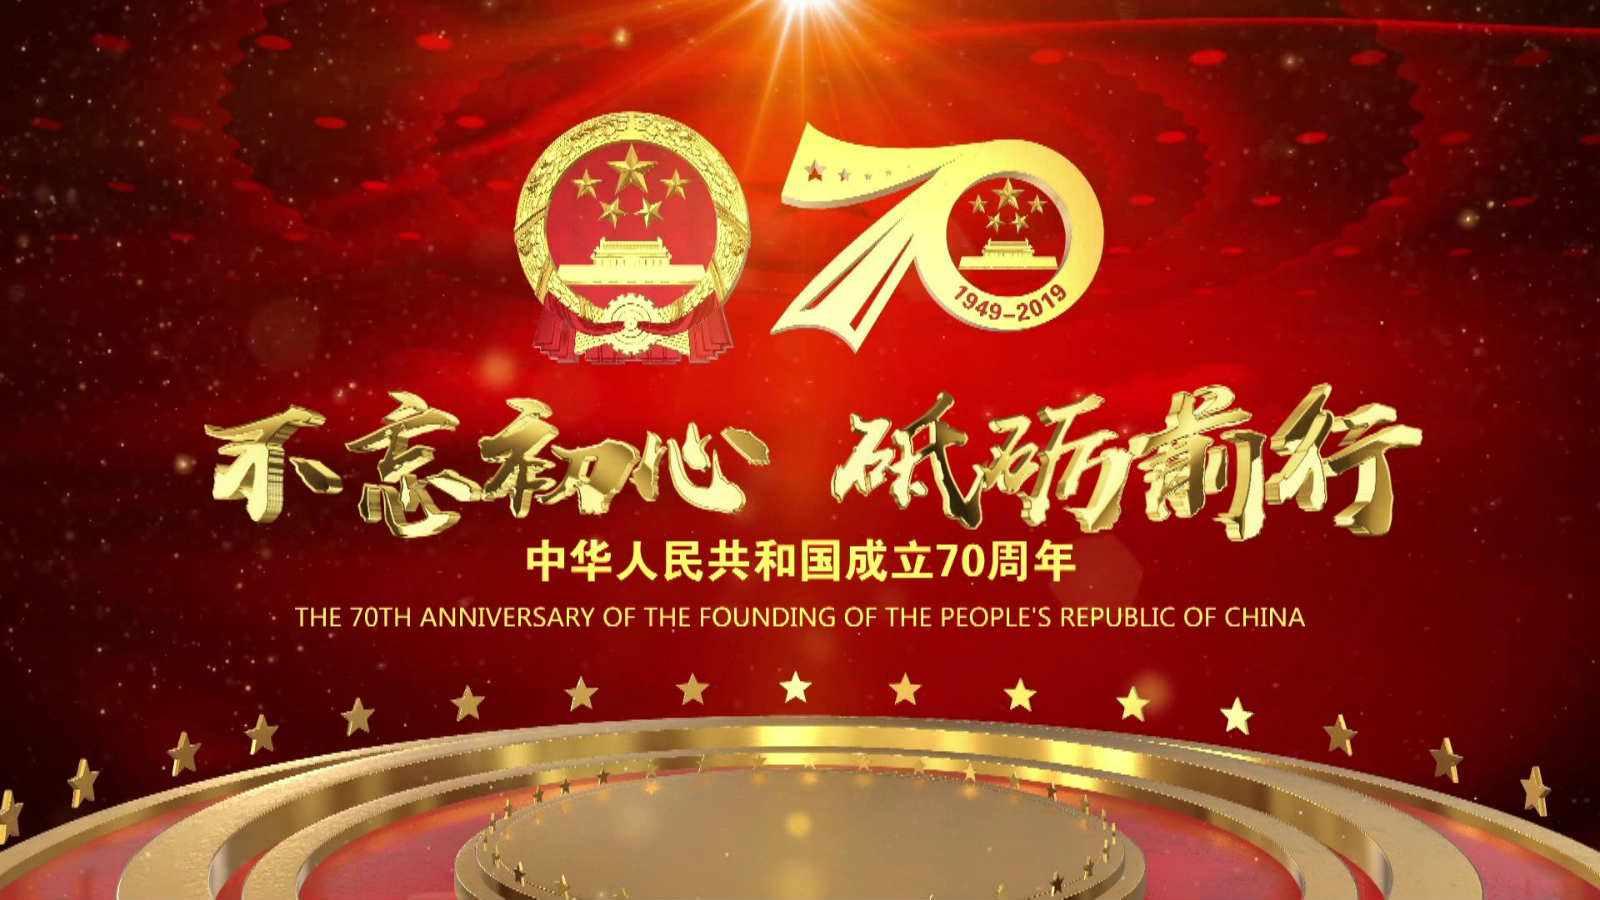 洪海光电集团全体员工祝愿伟大的祖国繁荣昌盛,国泰民安!图片